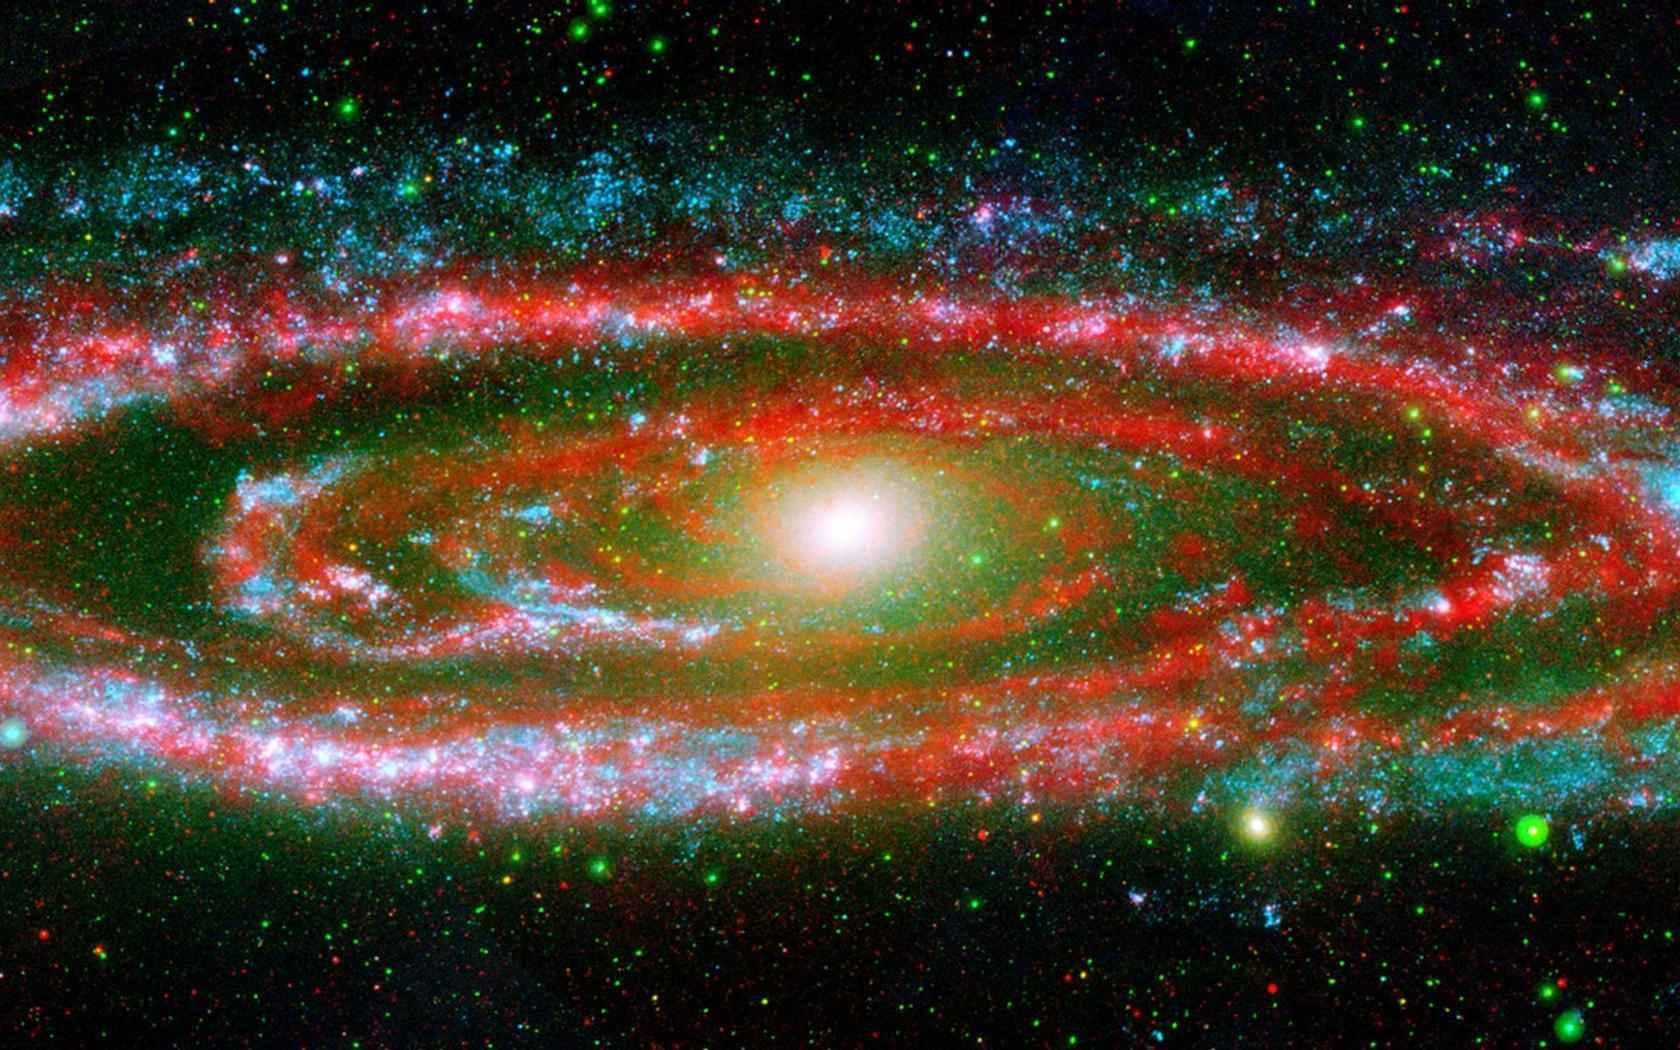 Andromeda Galaxy Wallpapers Best Wallpapers FanDownload 1680x1050